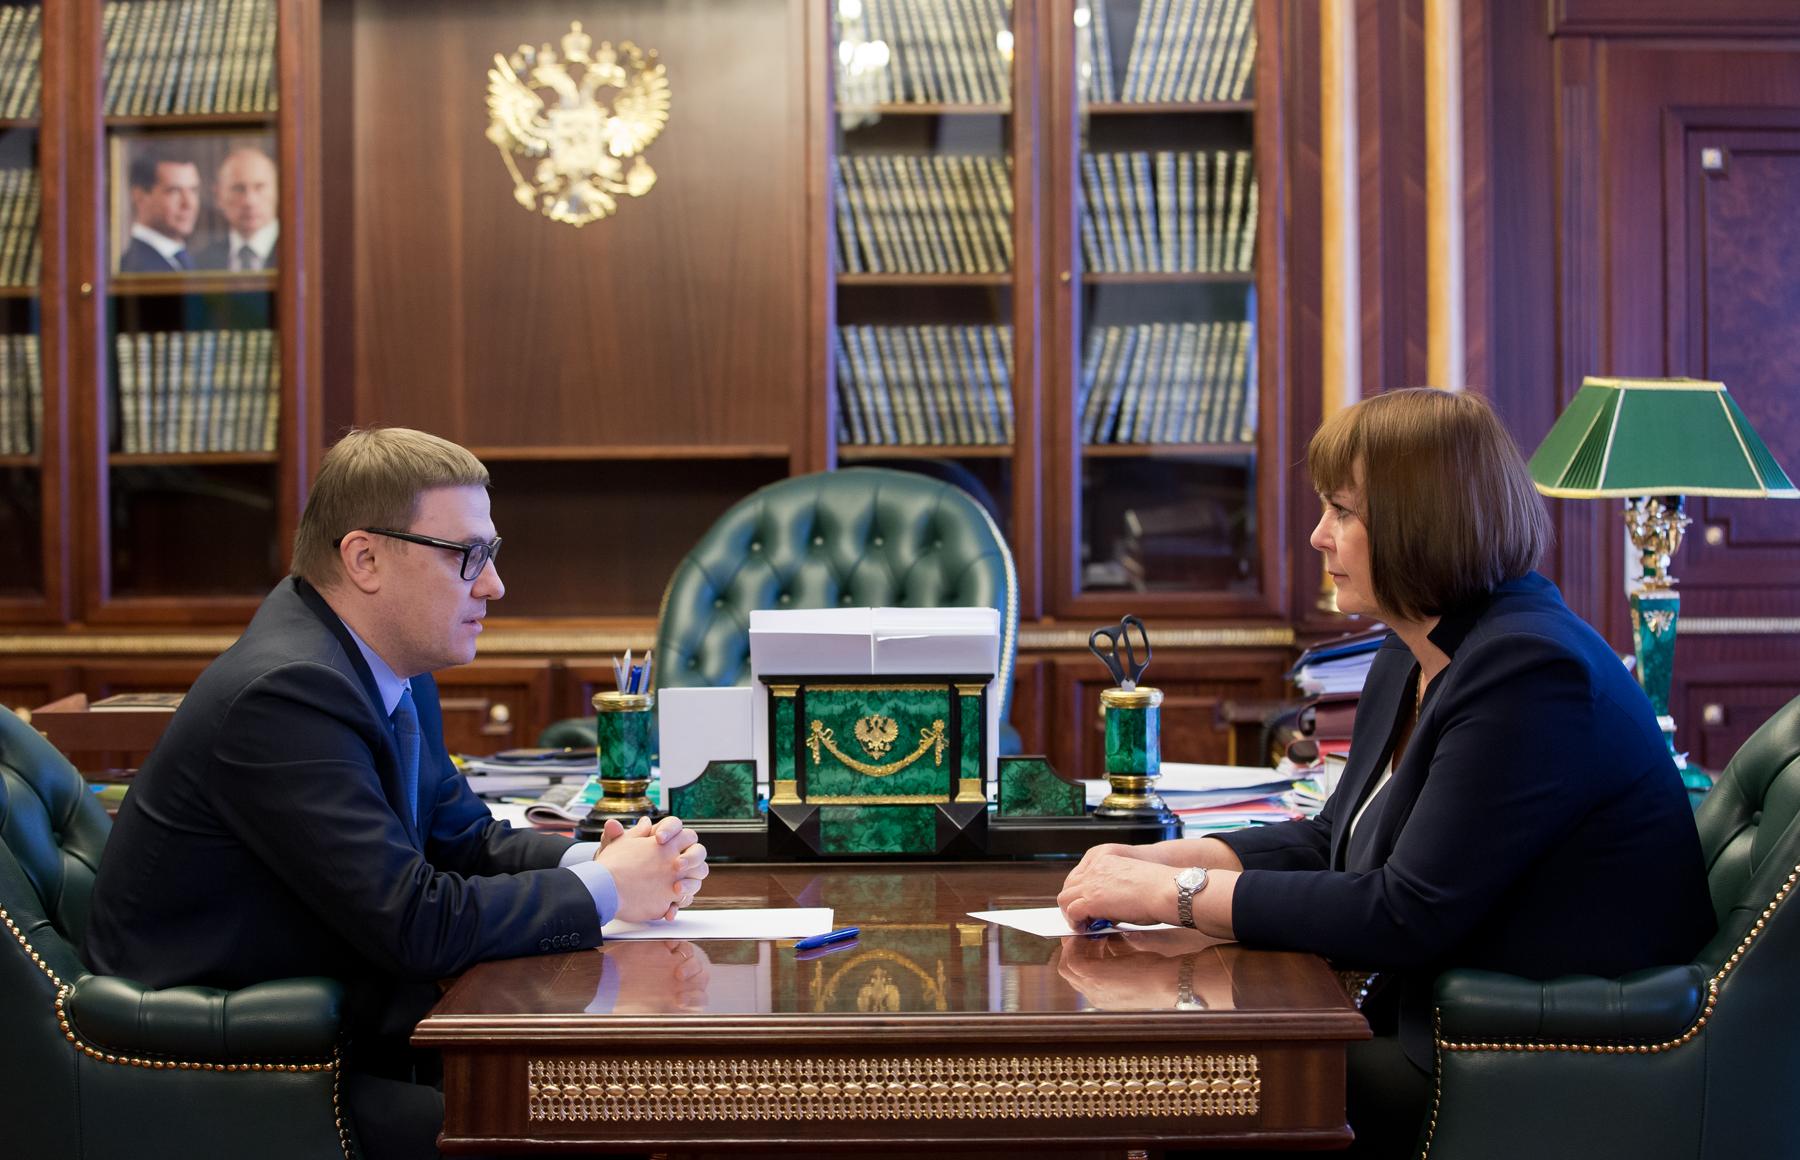 Факты несоблюдения антимонопольного законодательства представителями органов власти Челябинской о